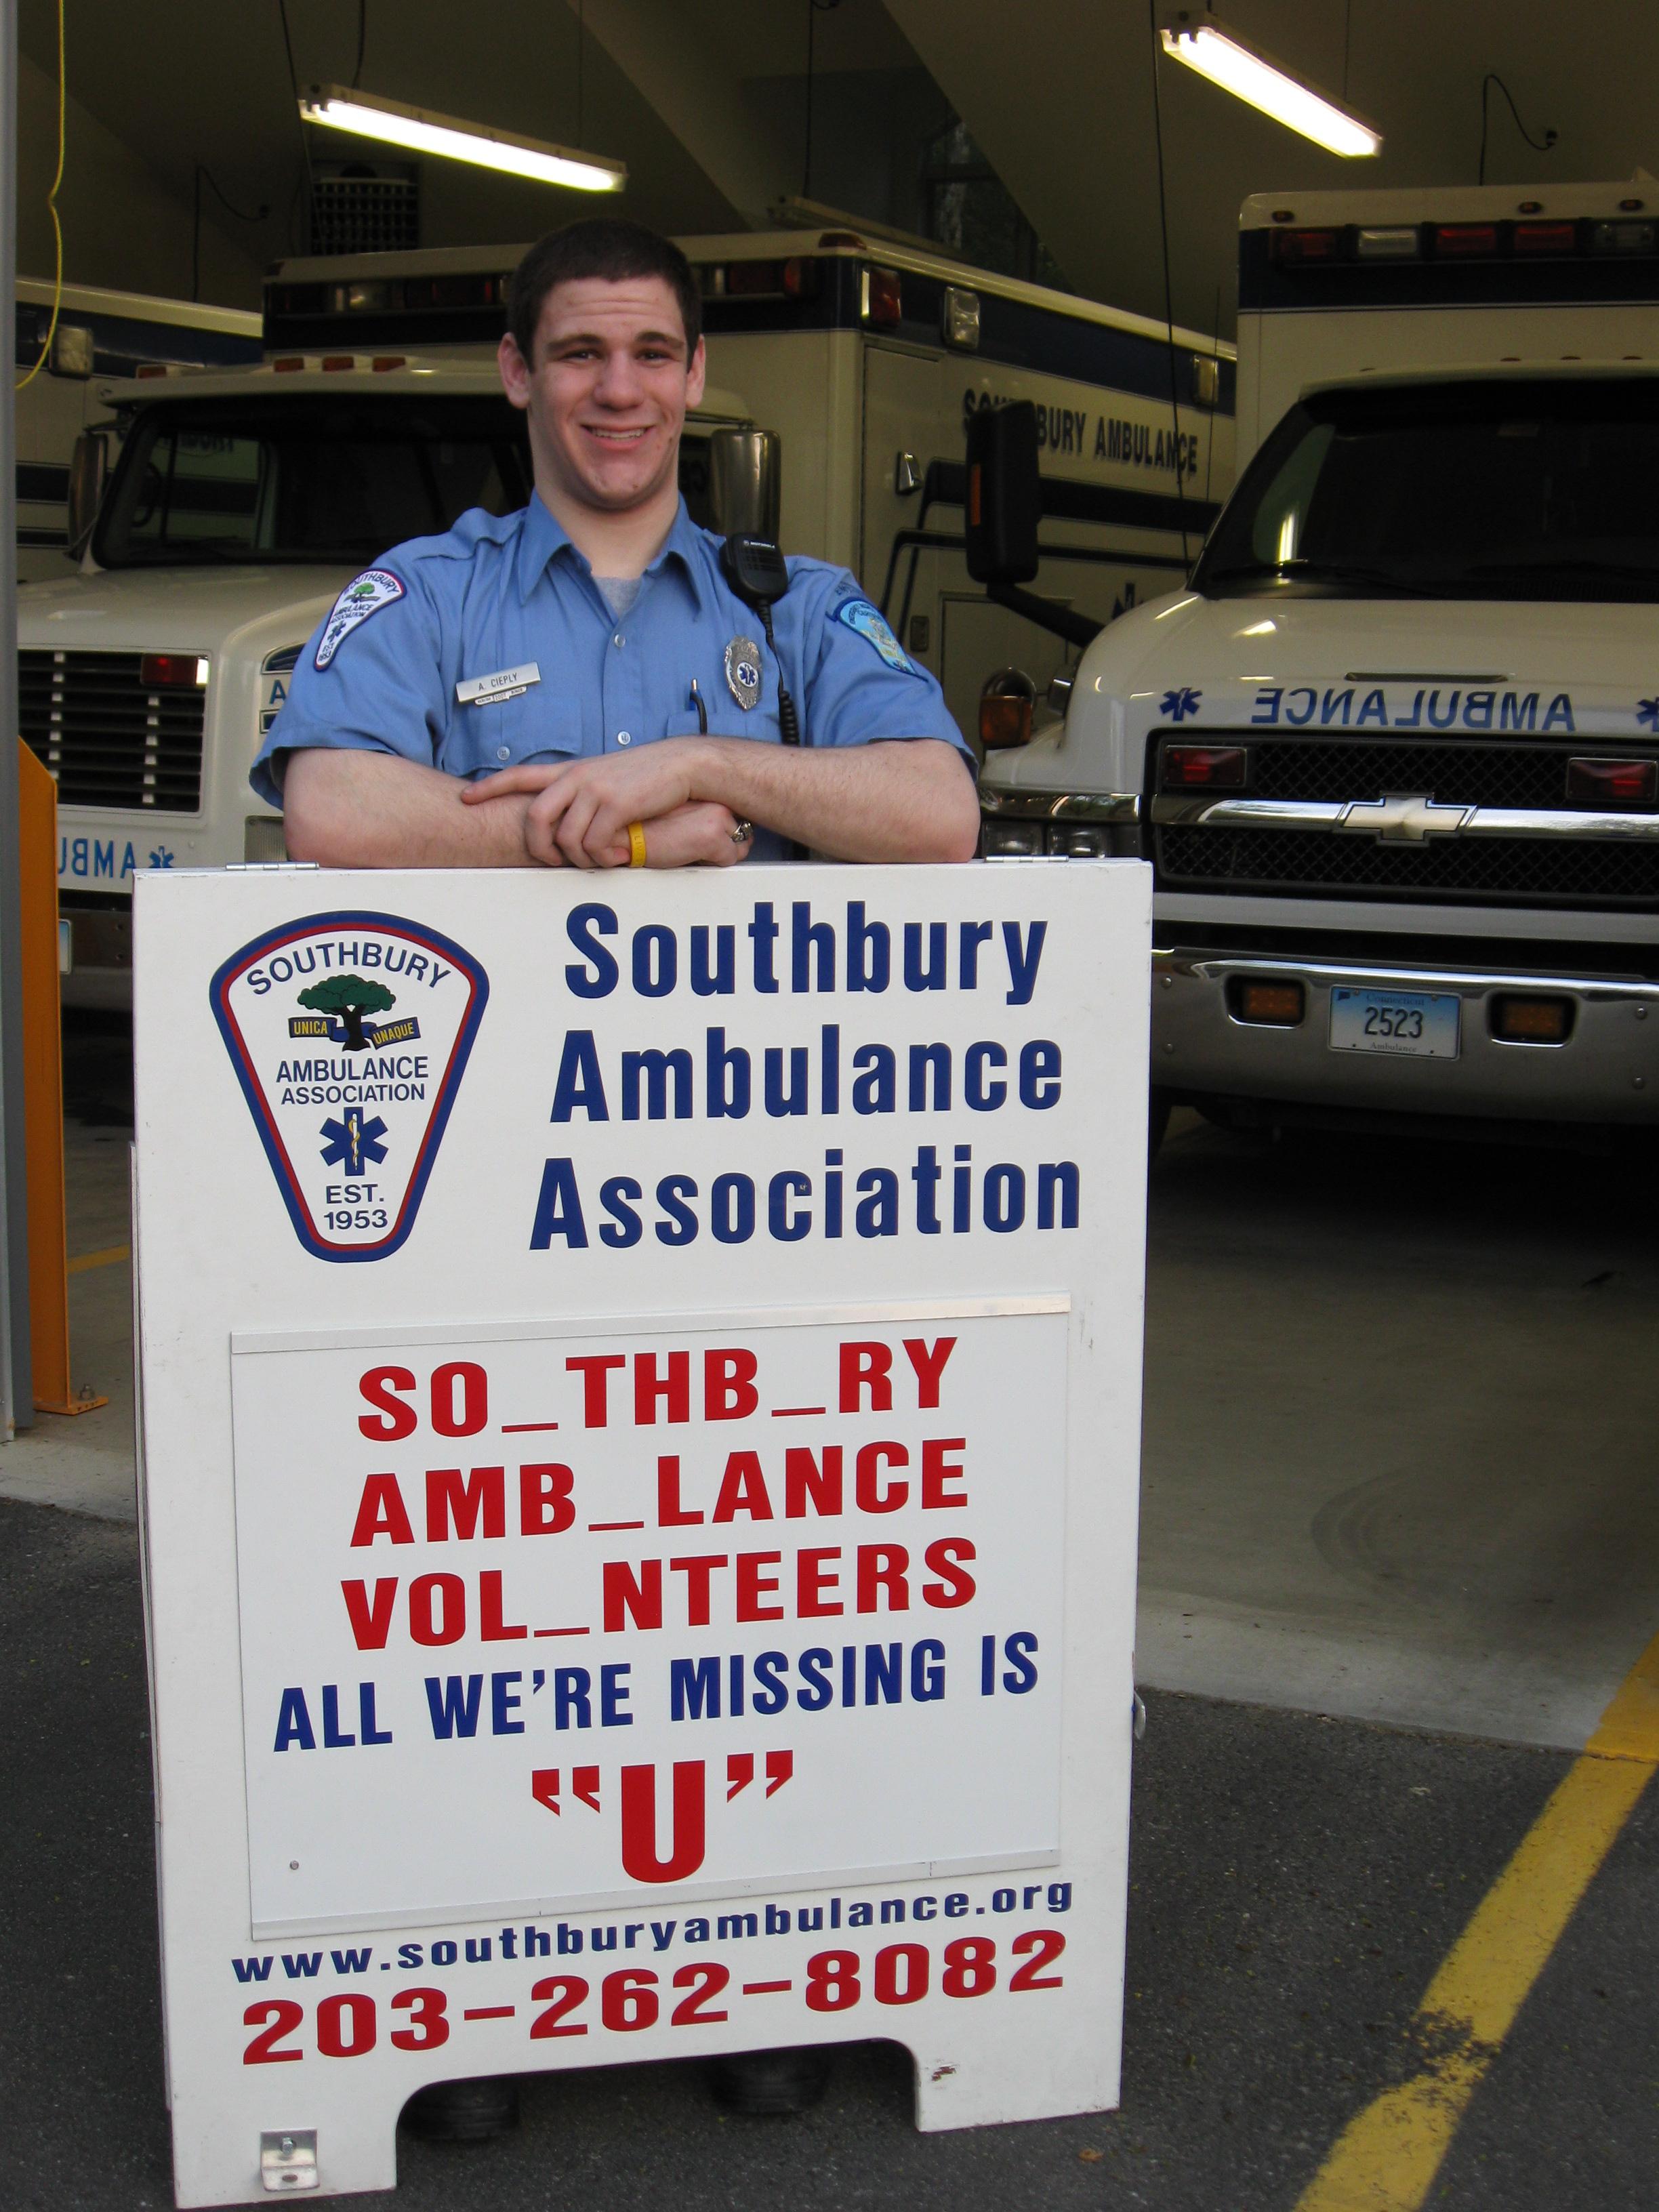 Southbury Ambulance Association - History